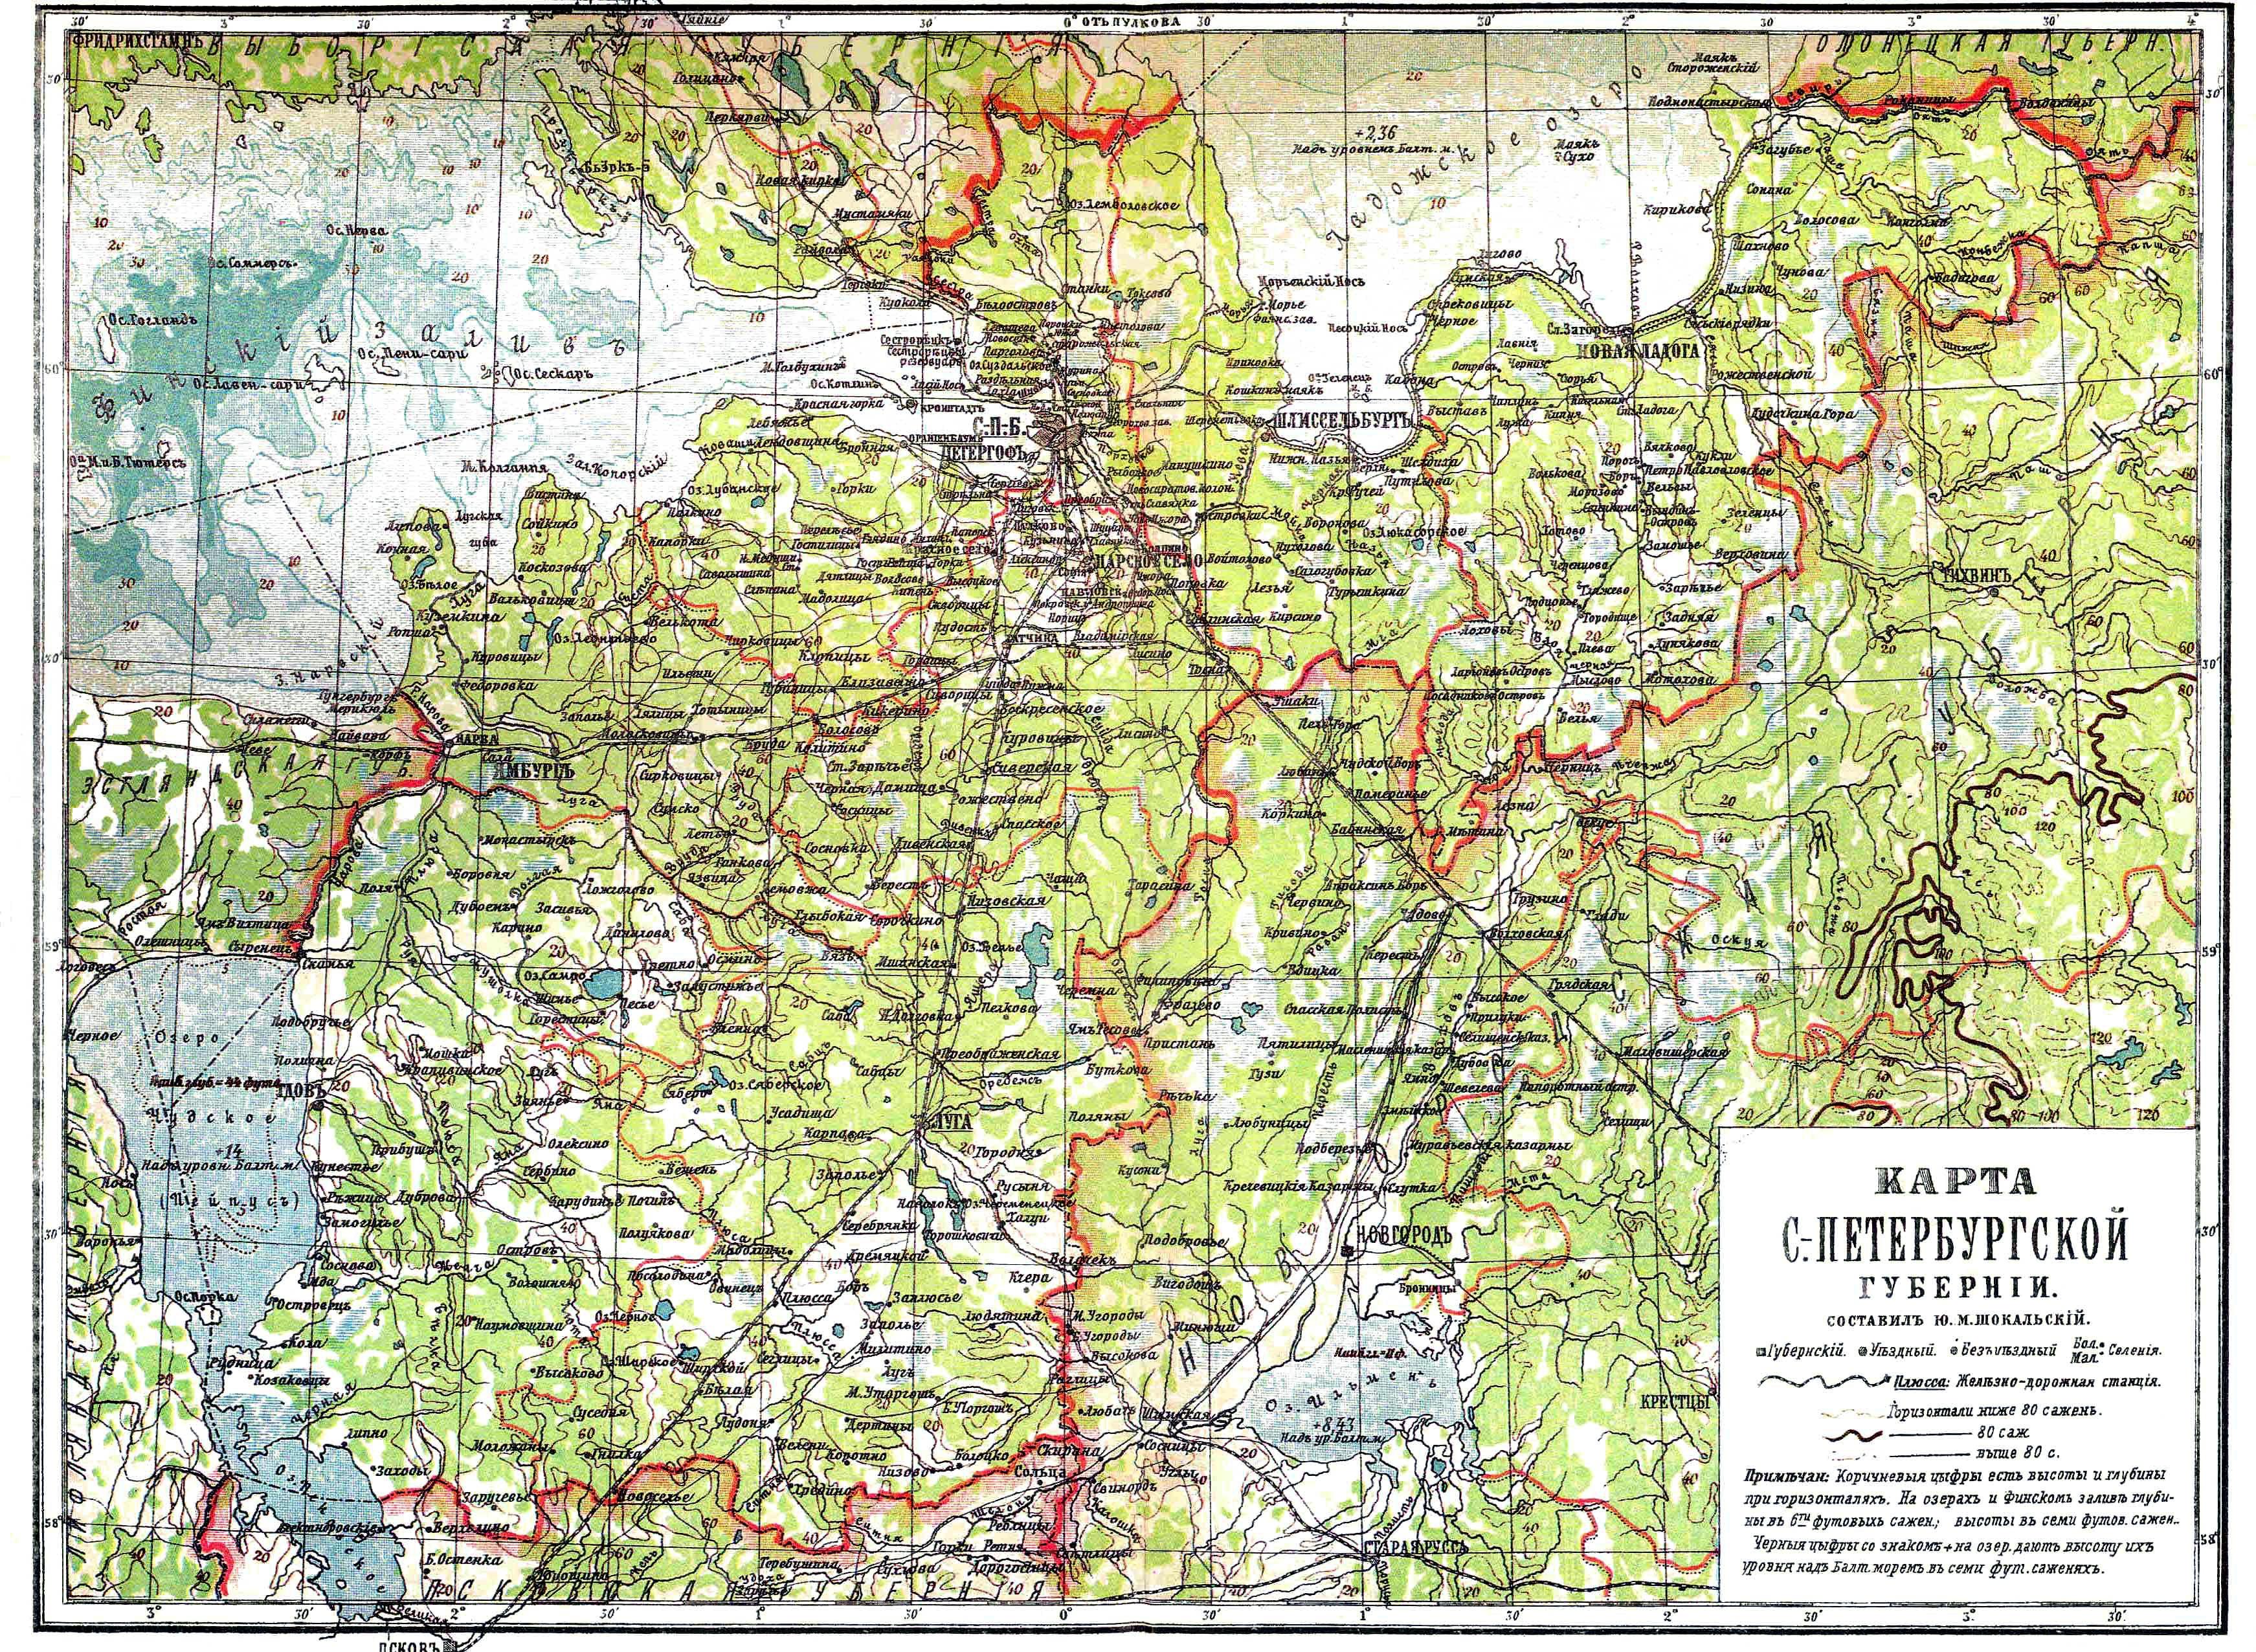 Pietarin Kuvernementti Wikipedia